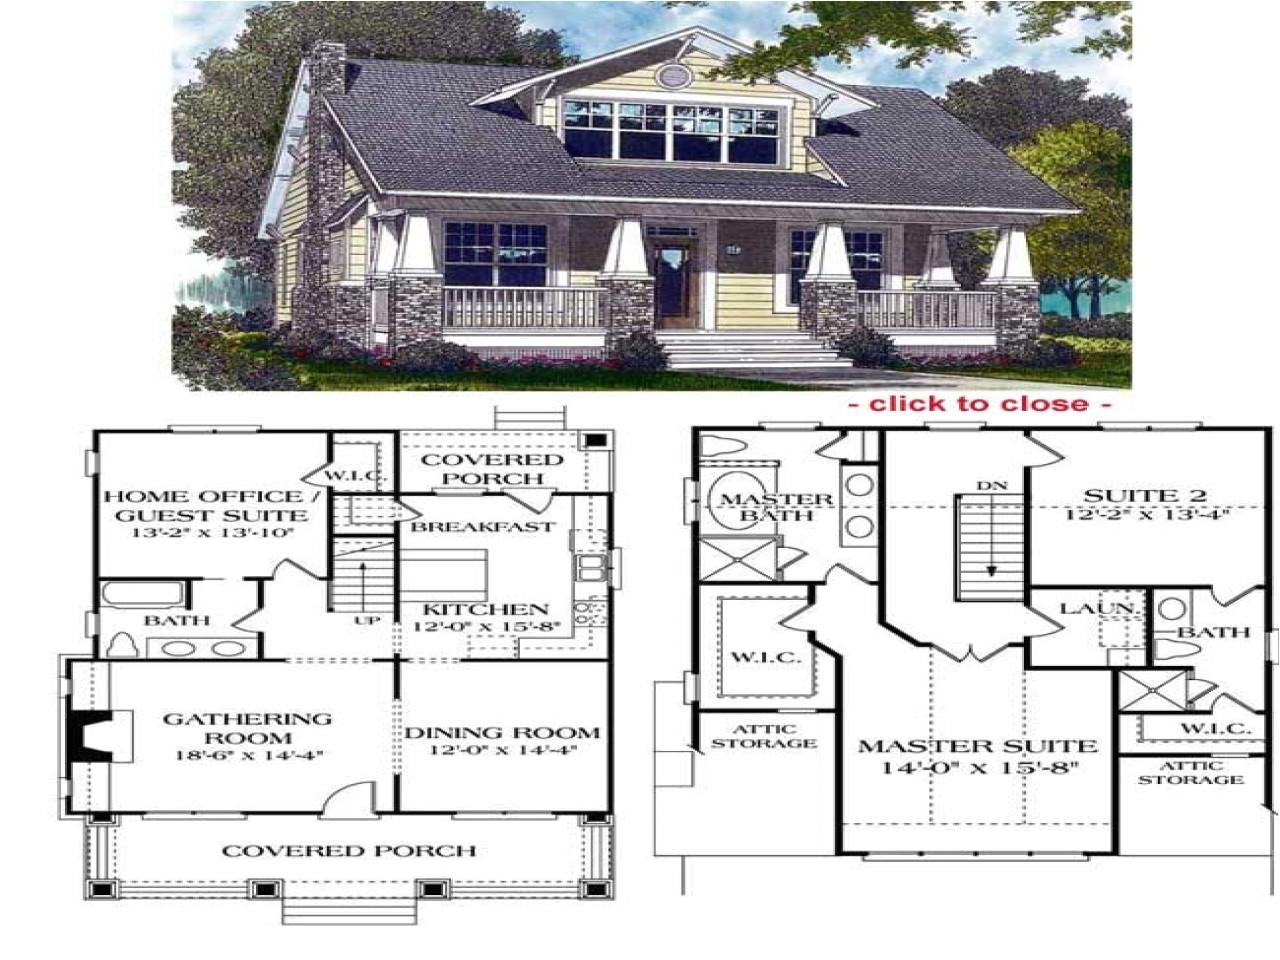 c07efc46633f0ae0 bungalow style house plans bungalow house floor plans